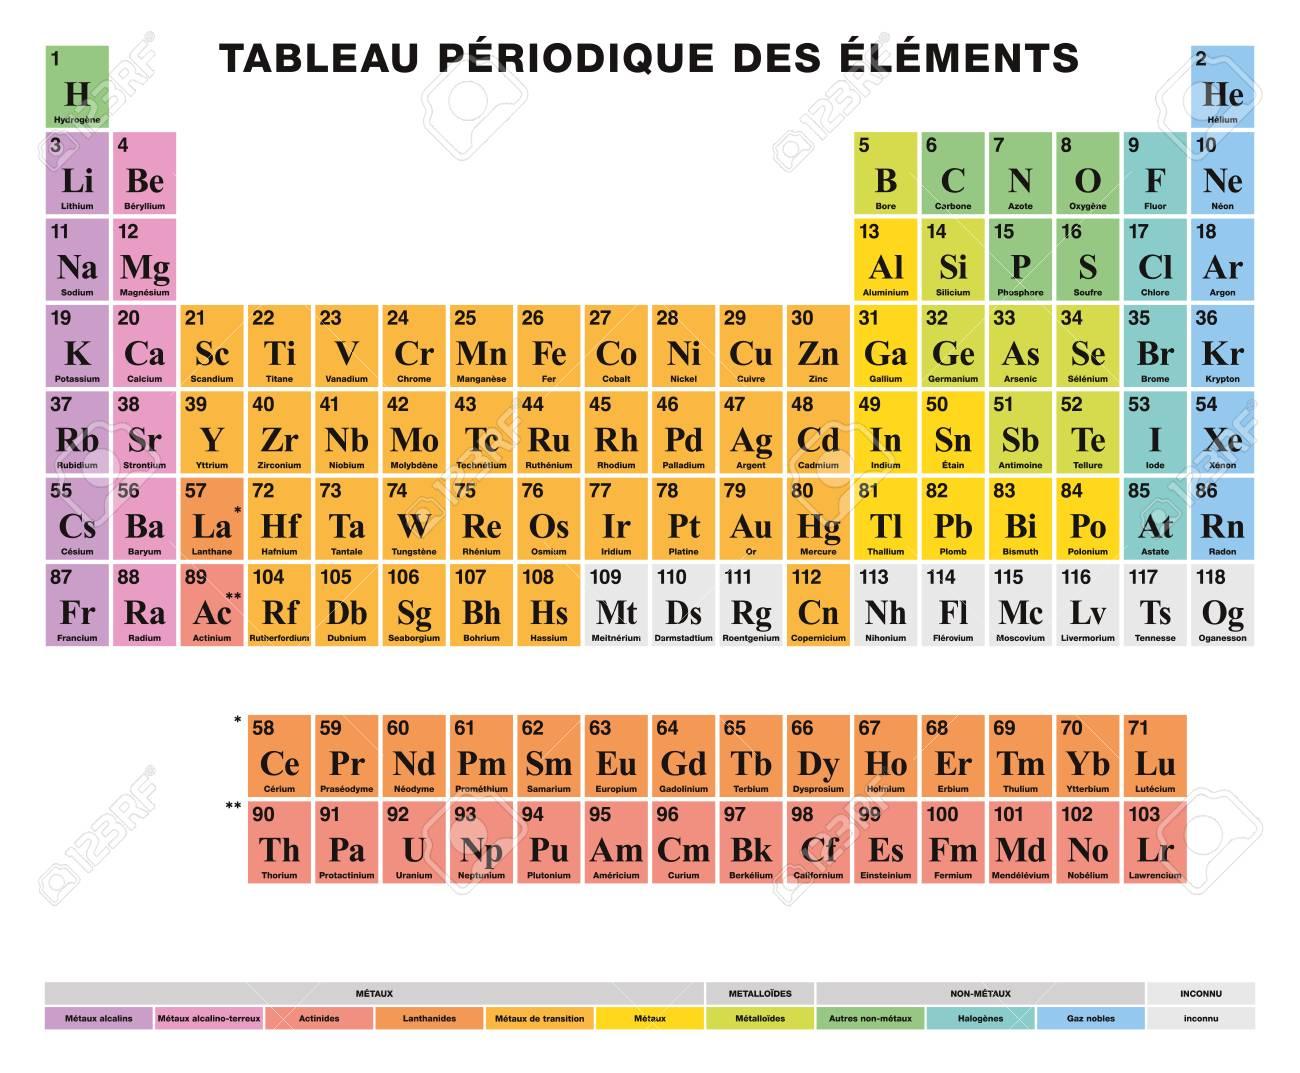 Tabla peridica de los elementos etiquetado francs disposicin foto de archivo tabla peridica de los elementos etiquetado francs disposicin tabular de 118 elementos qumicos nmeros atmicos smbolos nombres y urtaz Choice Image